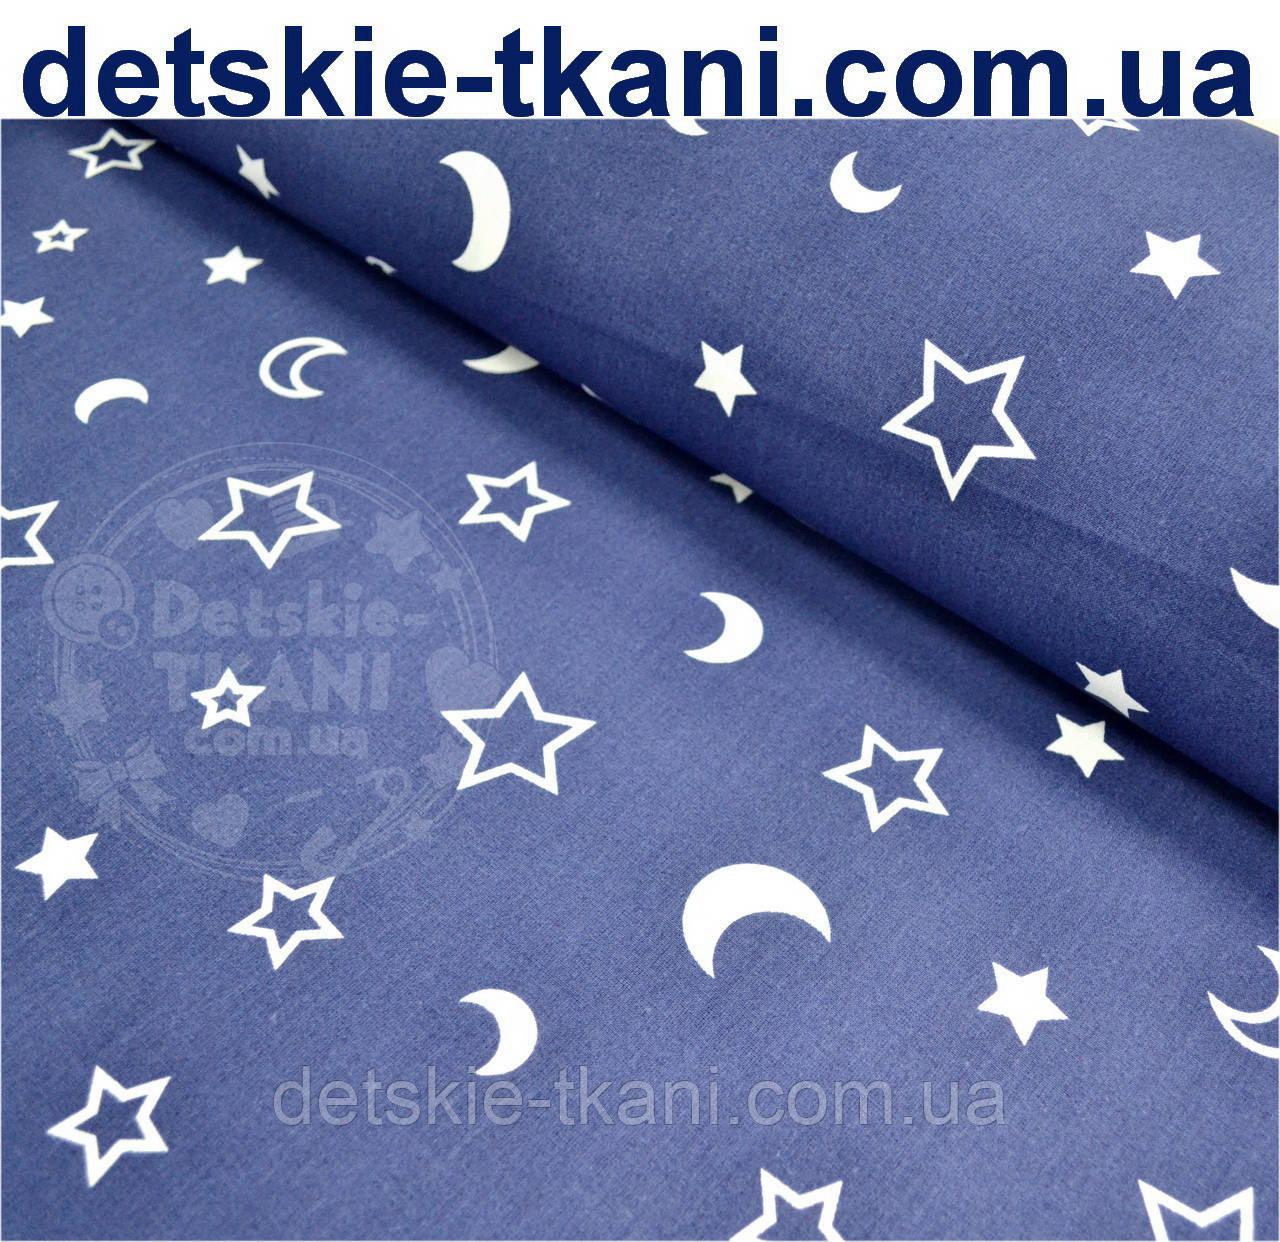 """Ткань хлопковая синего цвета """"Месяц со звёздами"""" (№486)."""